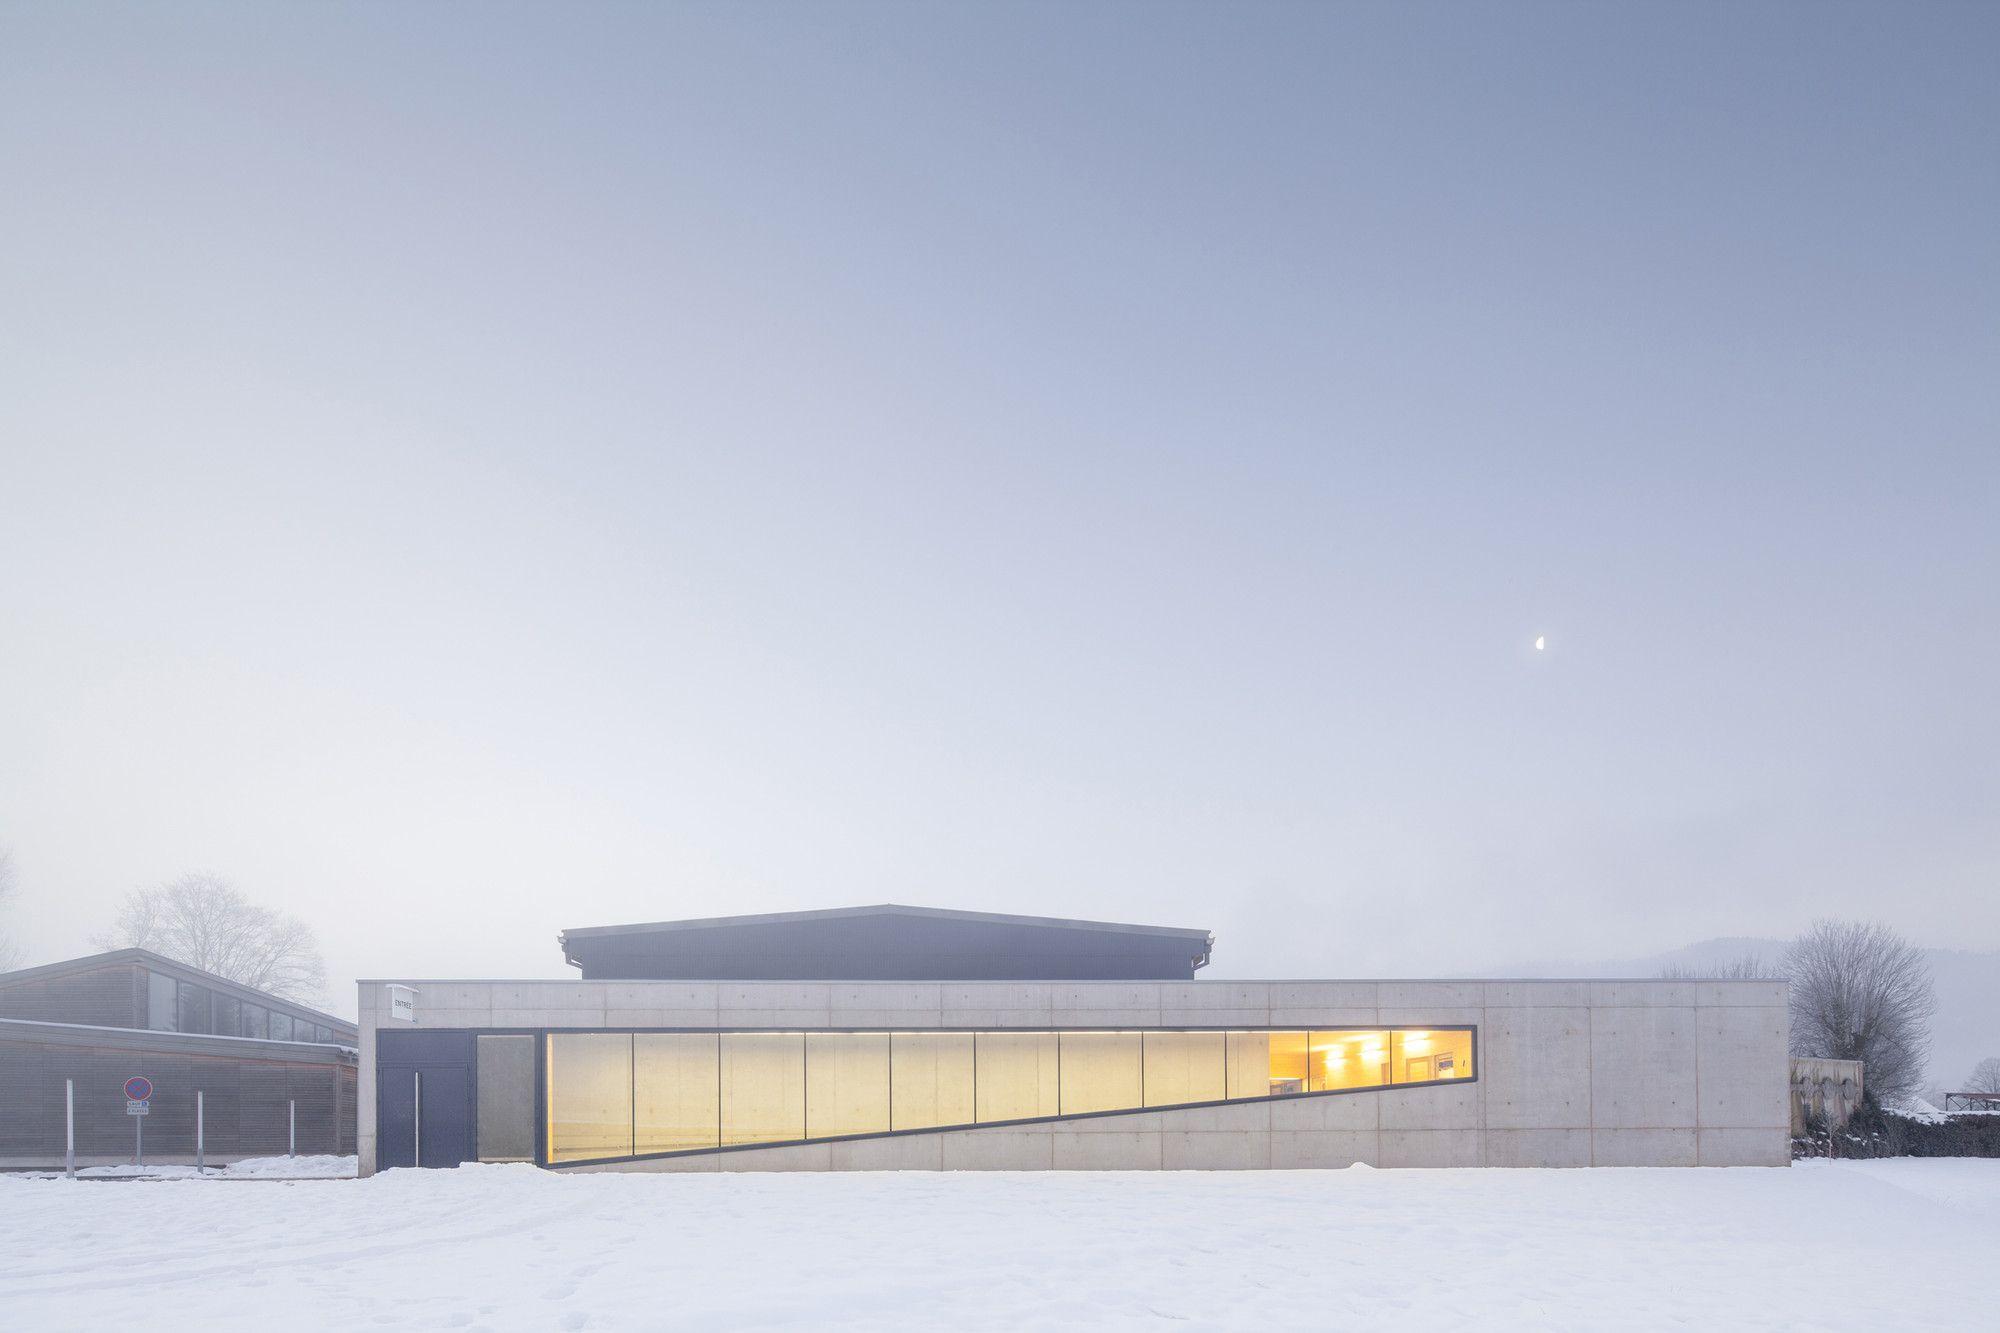 Galería - Renovación y Extensión de un Gimnasio en Vagney / Abc Studio Architects + Christian Vincent Architect - 10